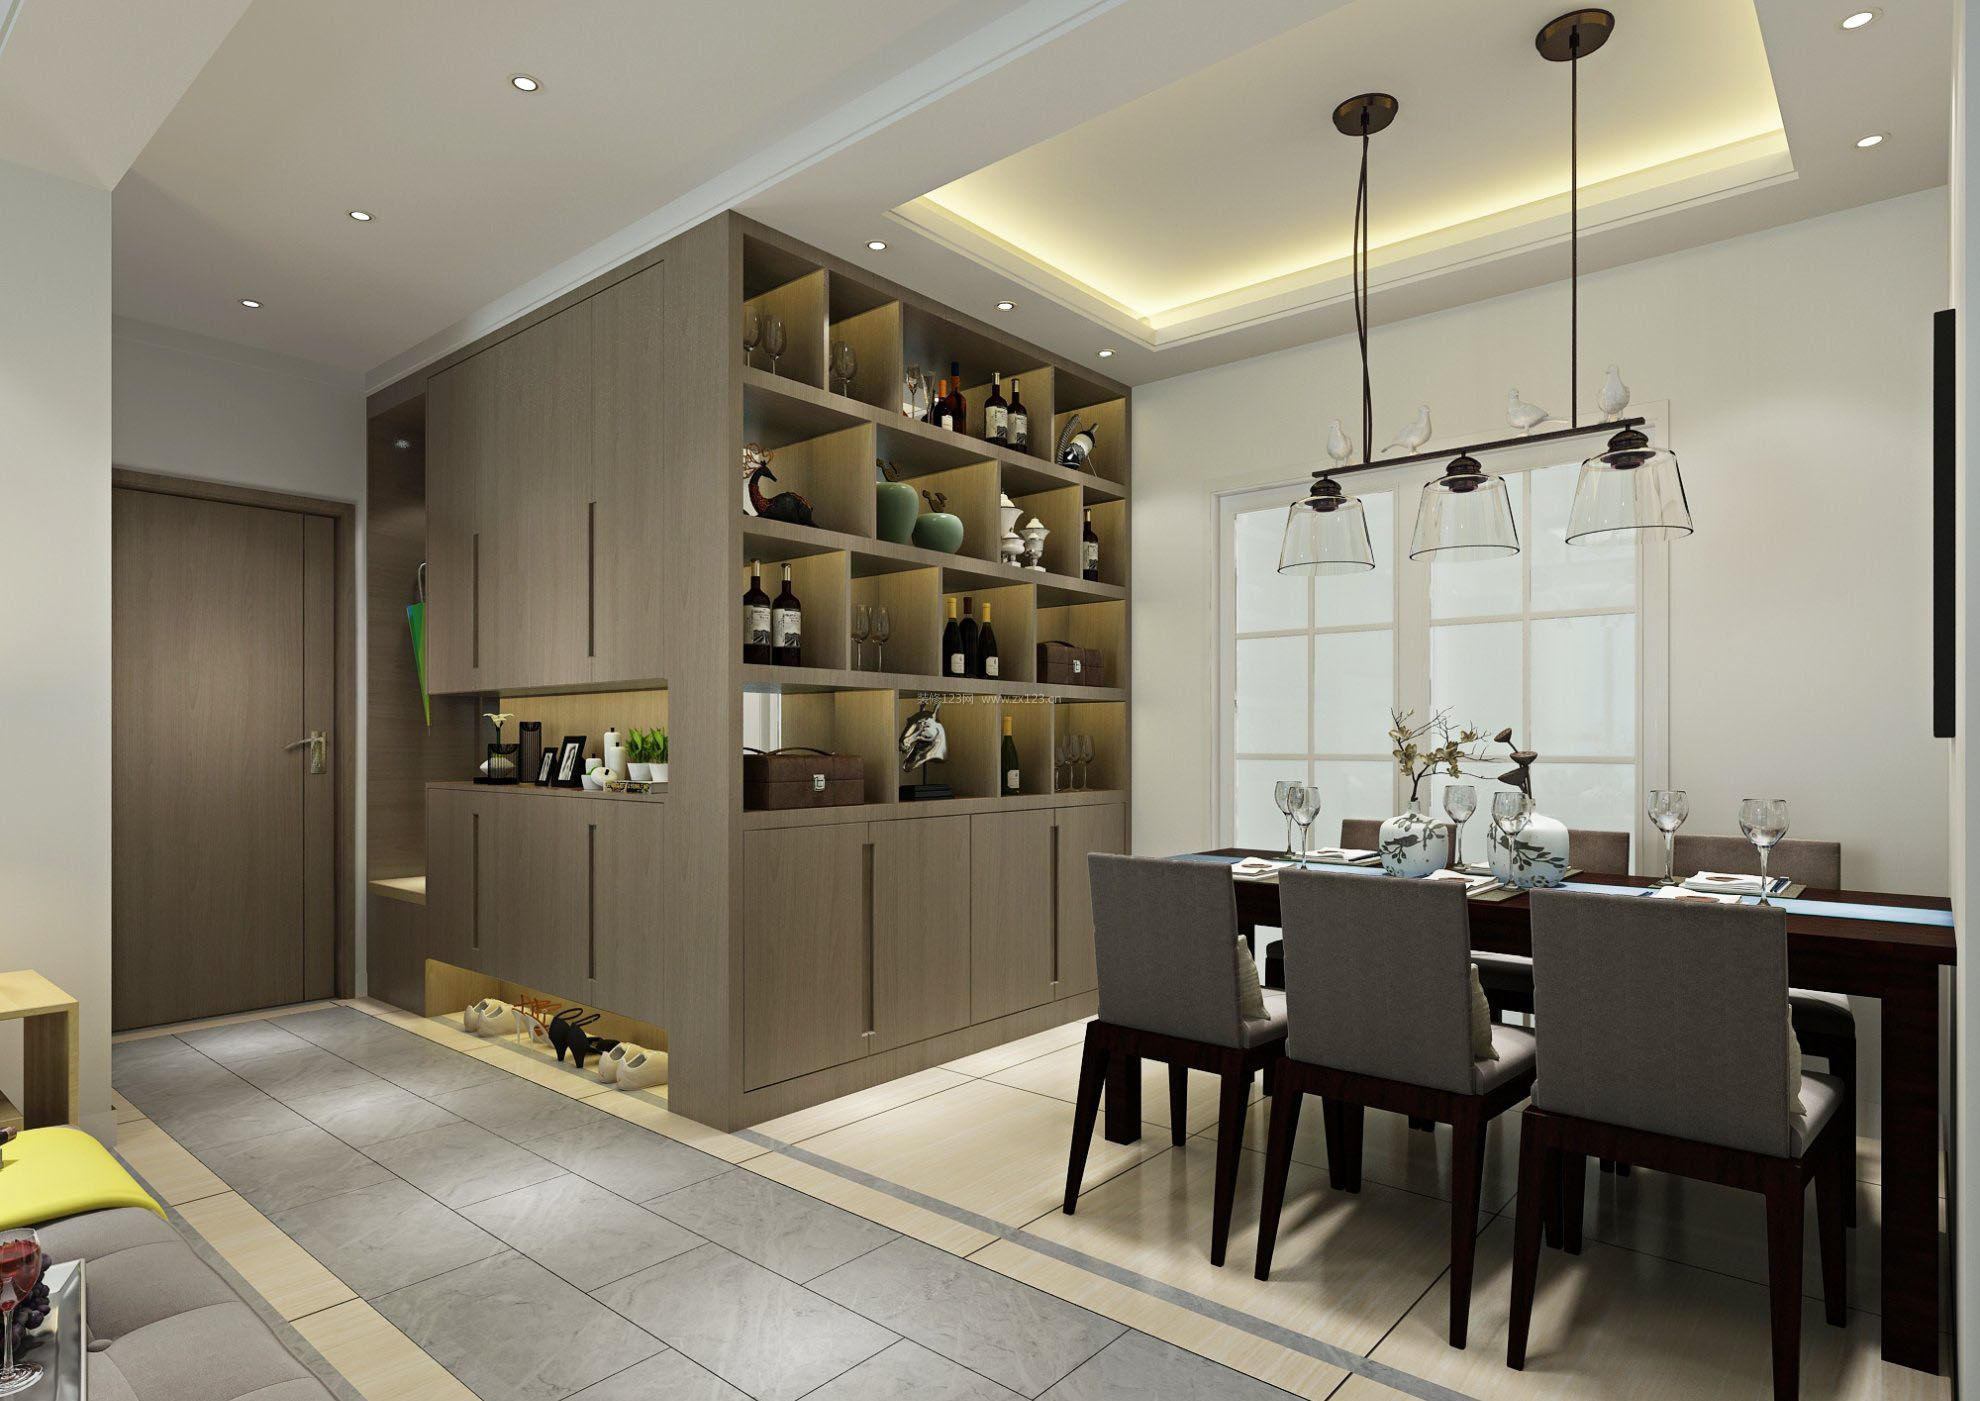 六十平米房子餐厅酒柜装修设计效果图